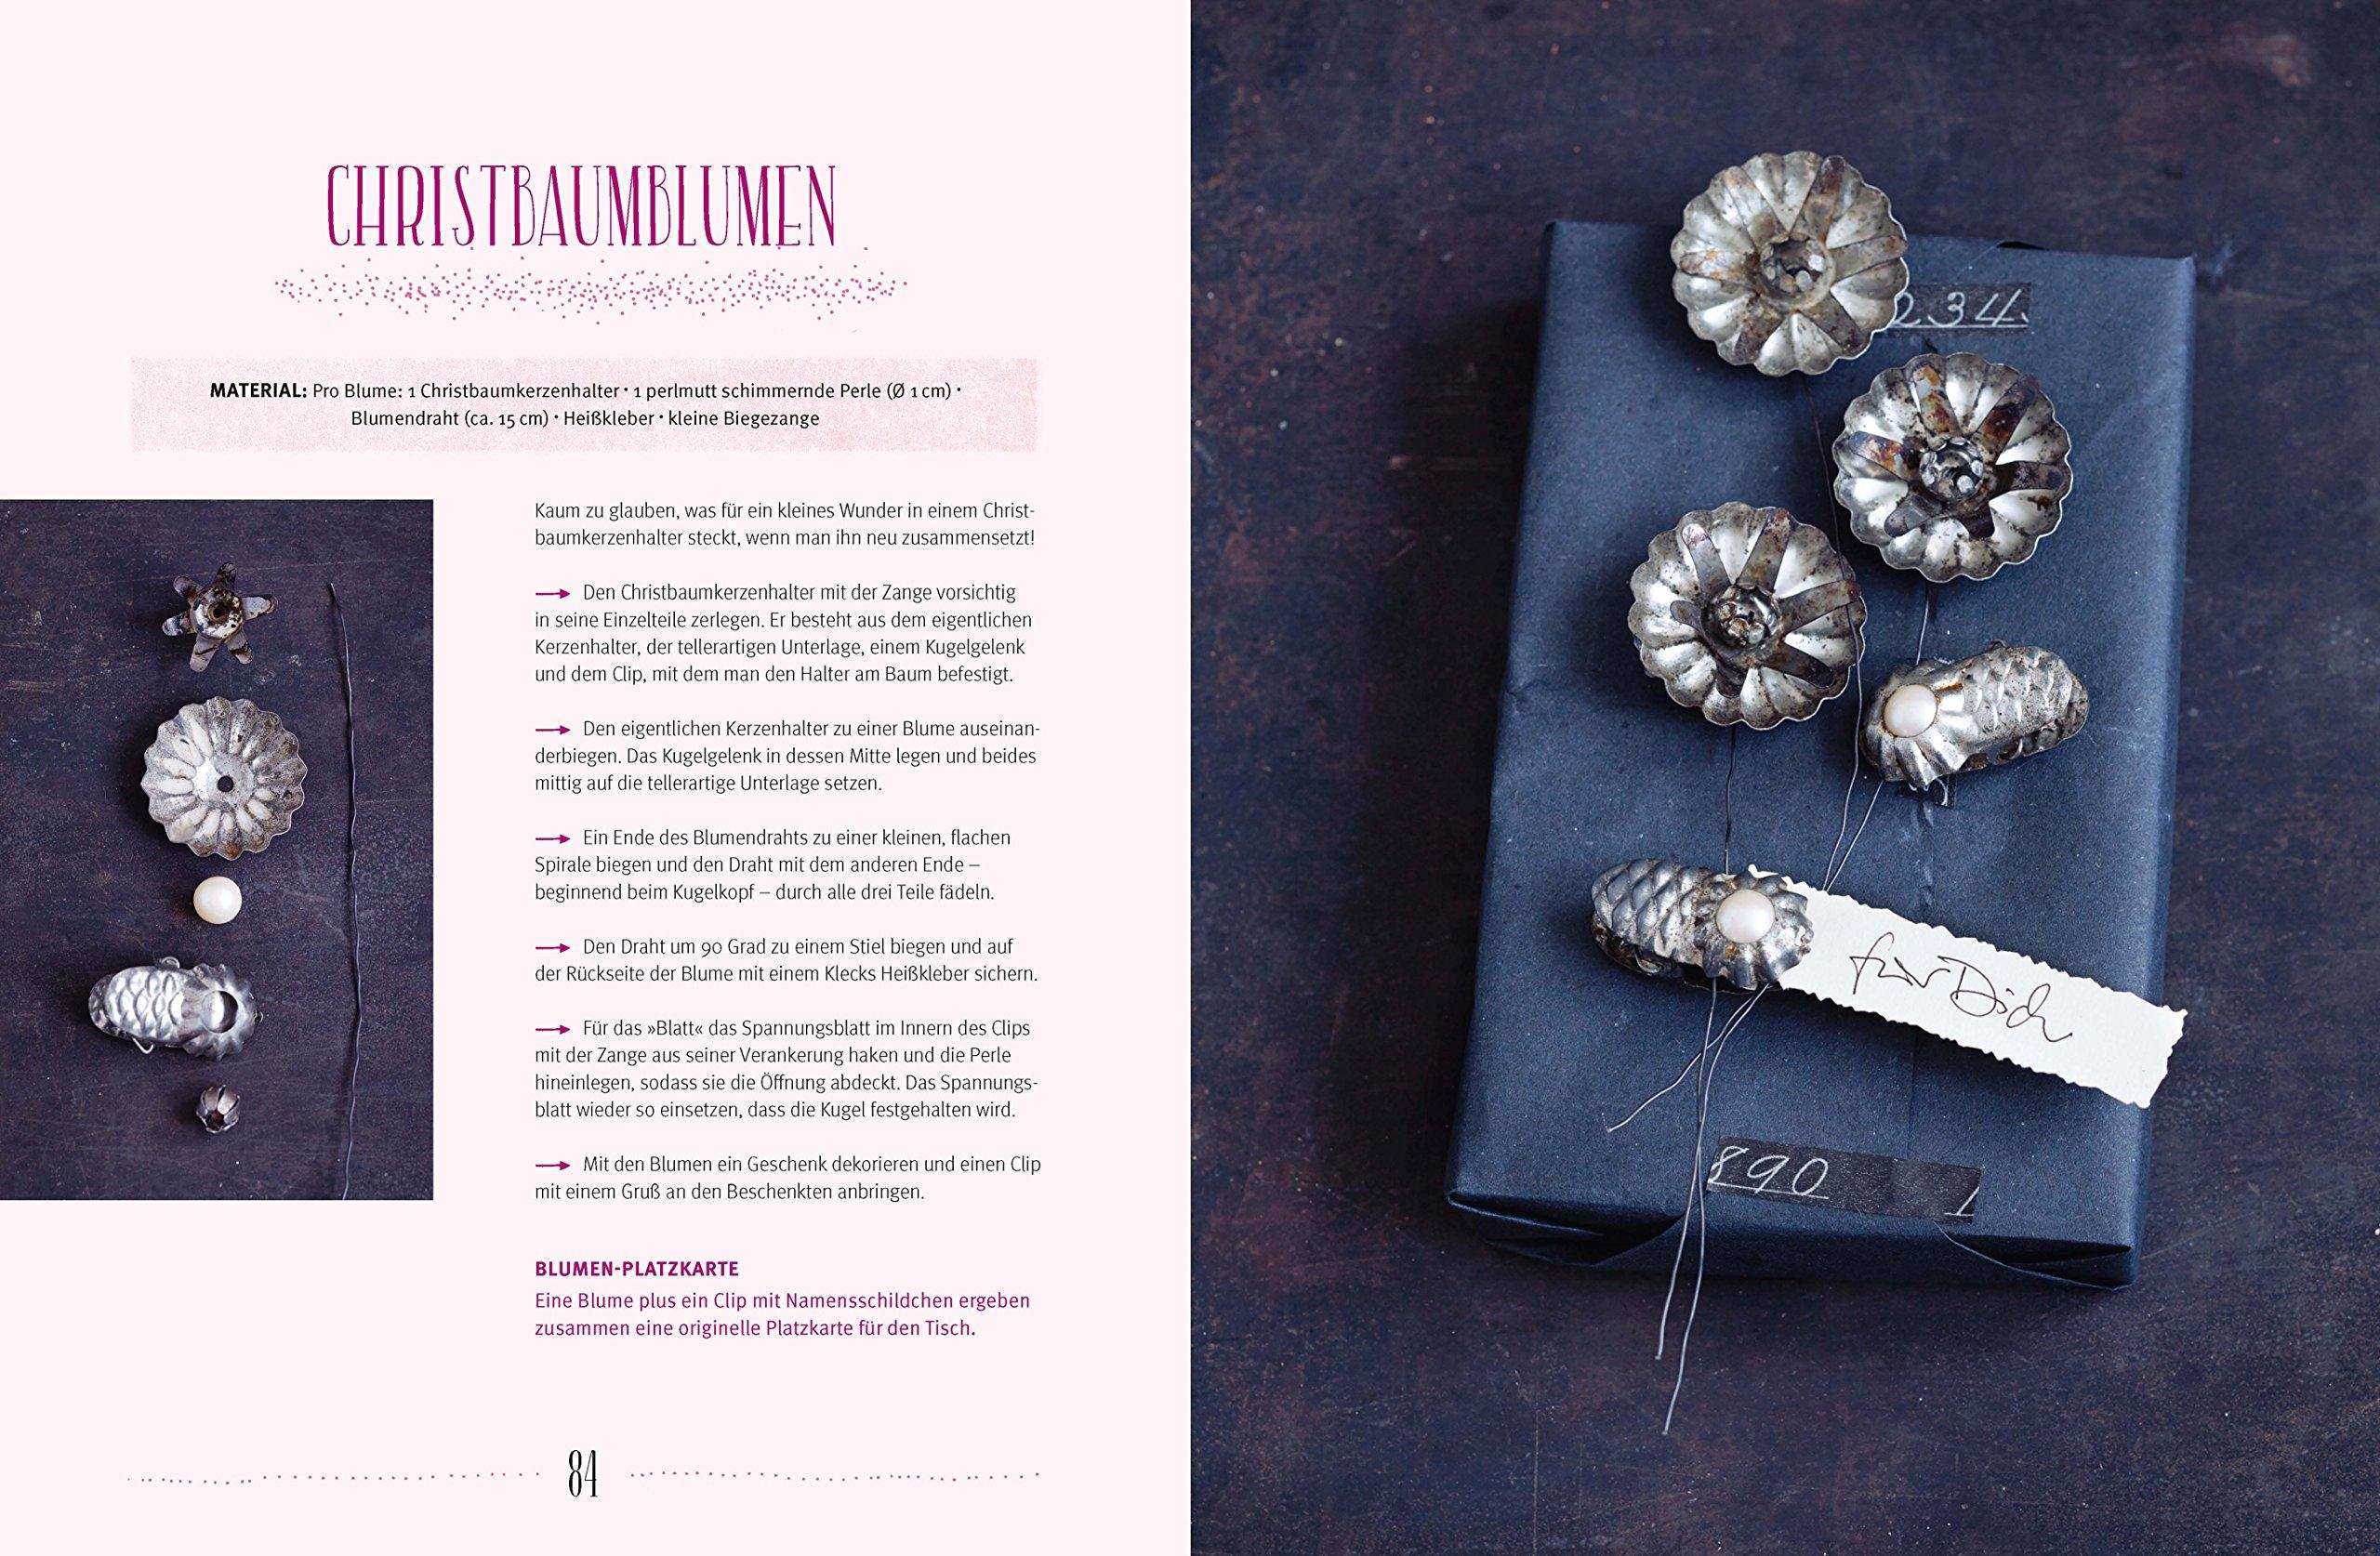 Kreative Weihnachtsideen zum Selbermachen: Katrin Heinatz ...